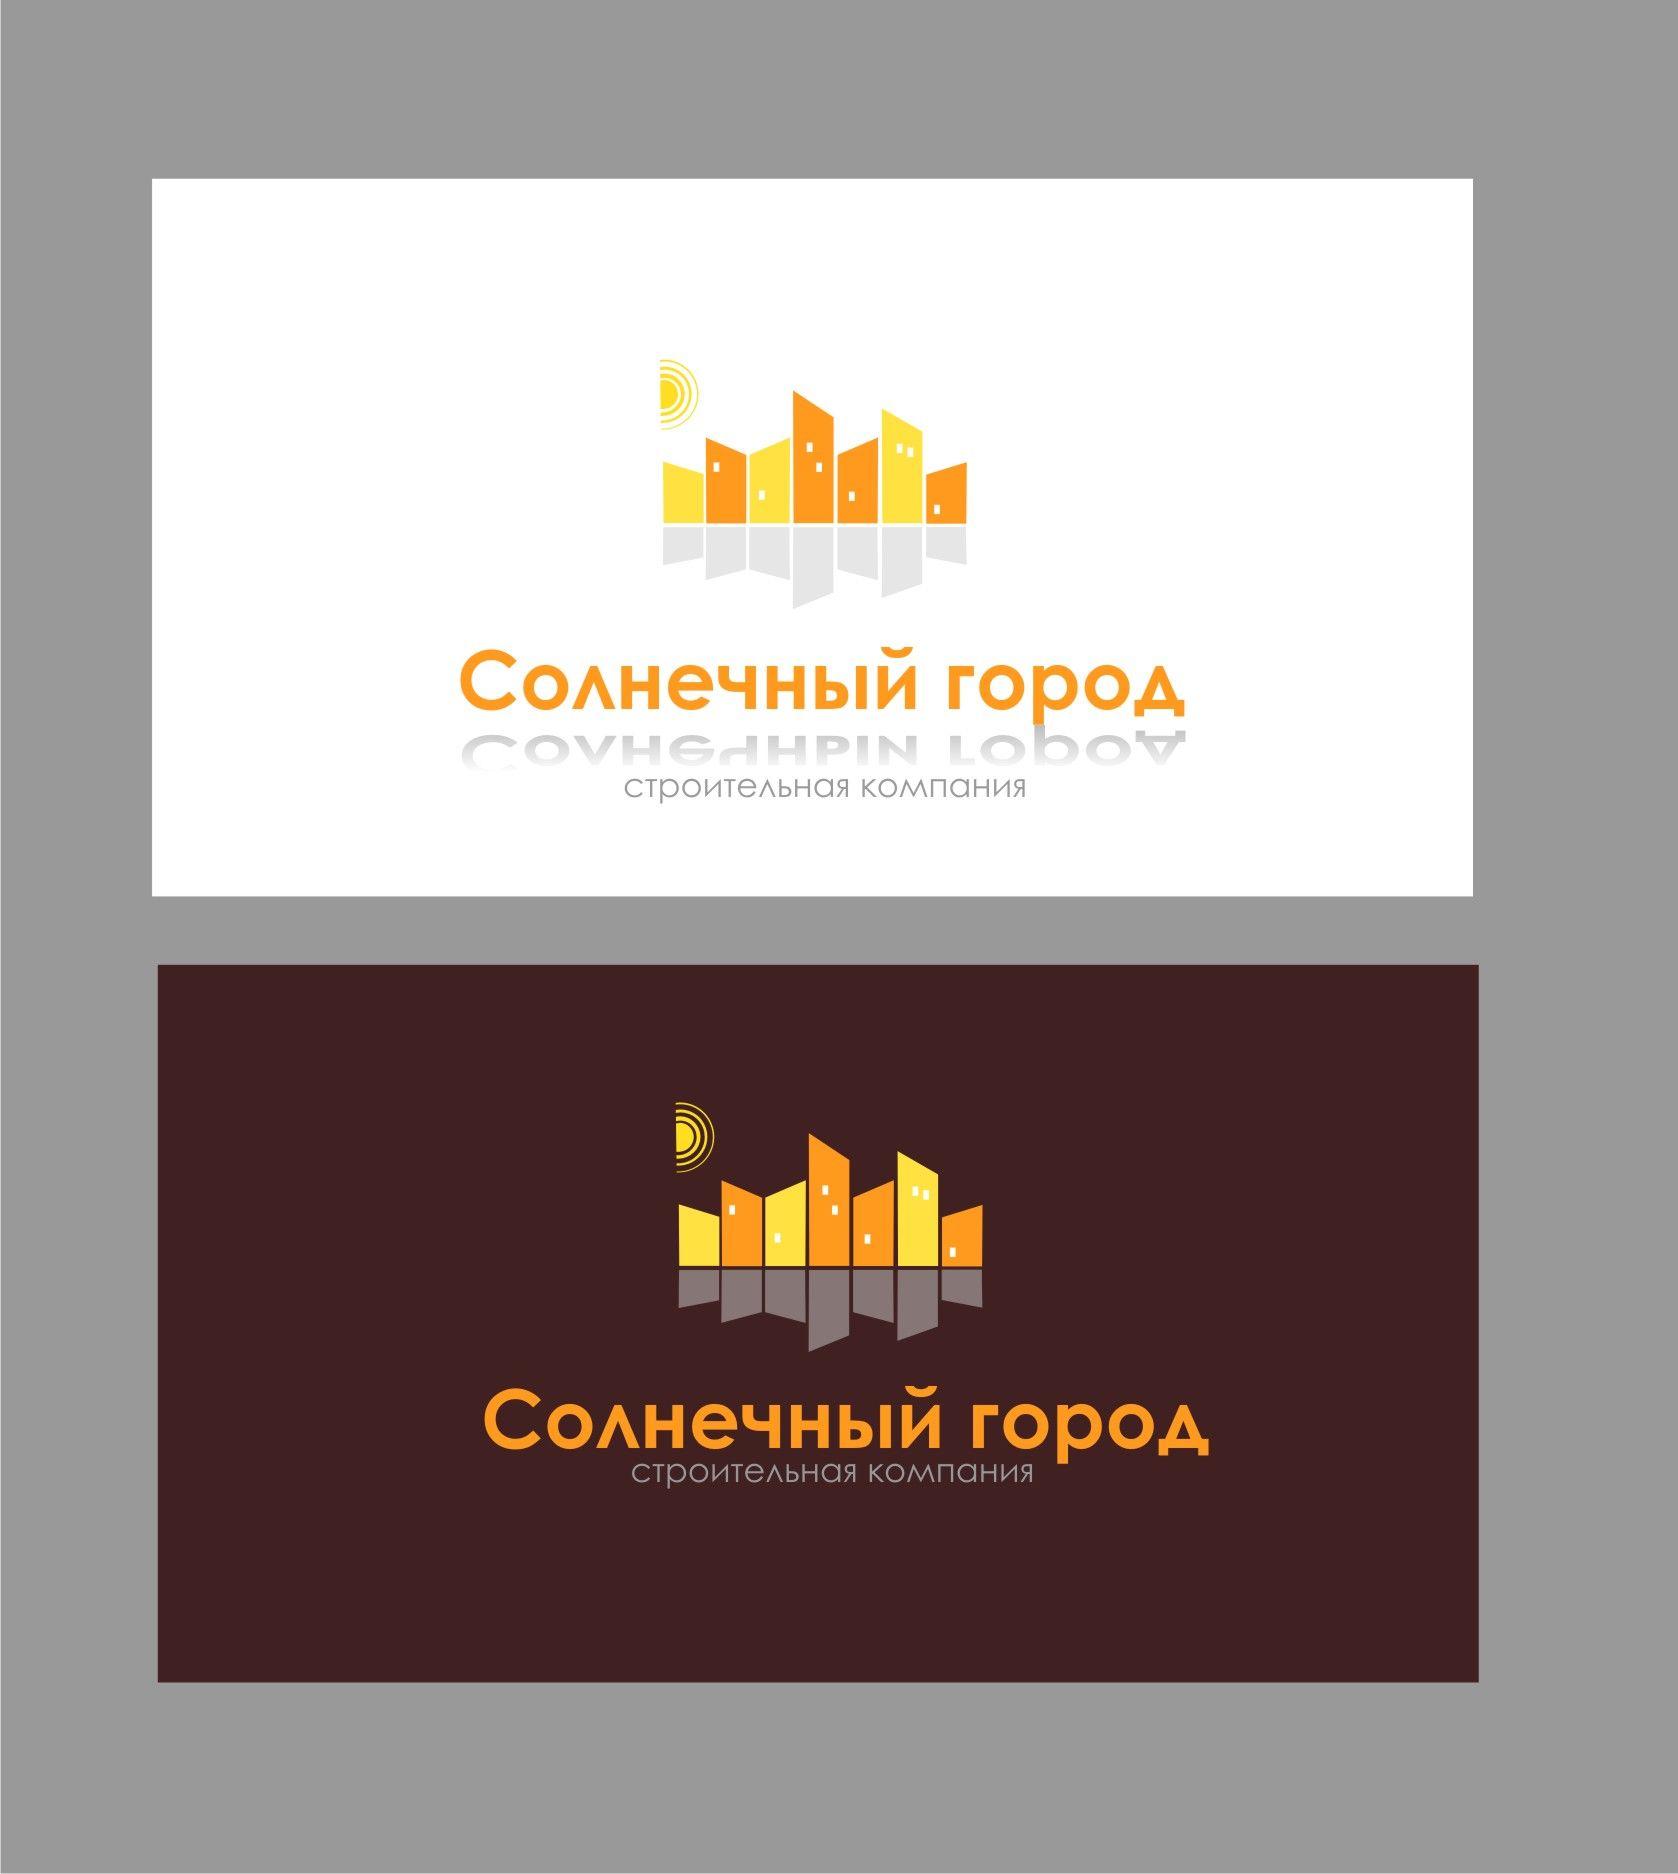 Логотип для солнечного города - дизайнер dbyjuhfl